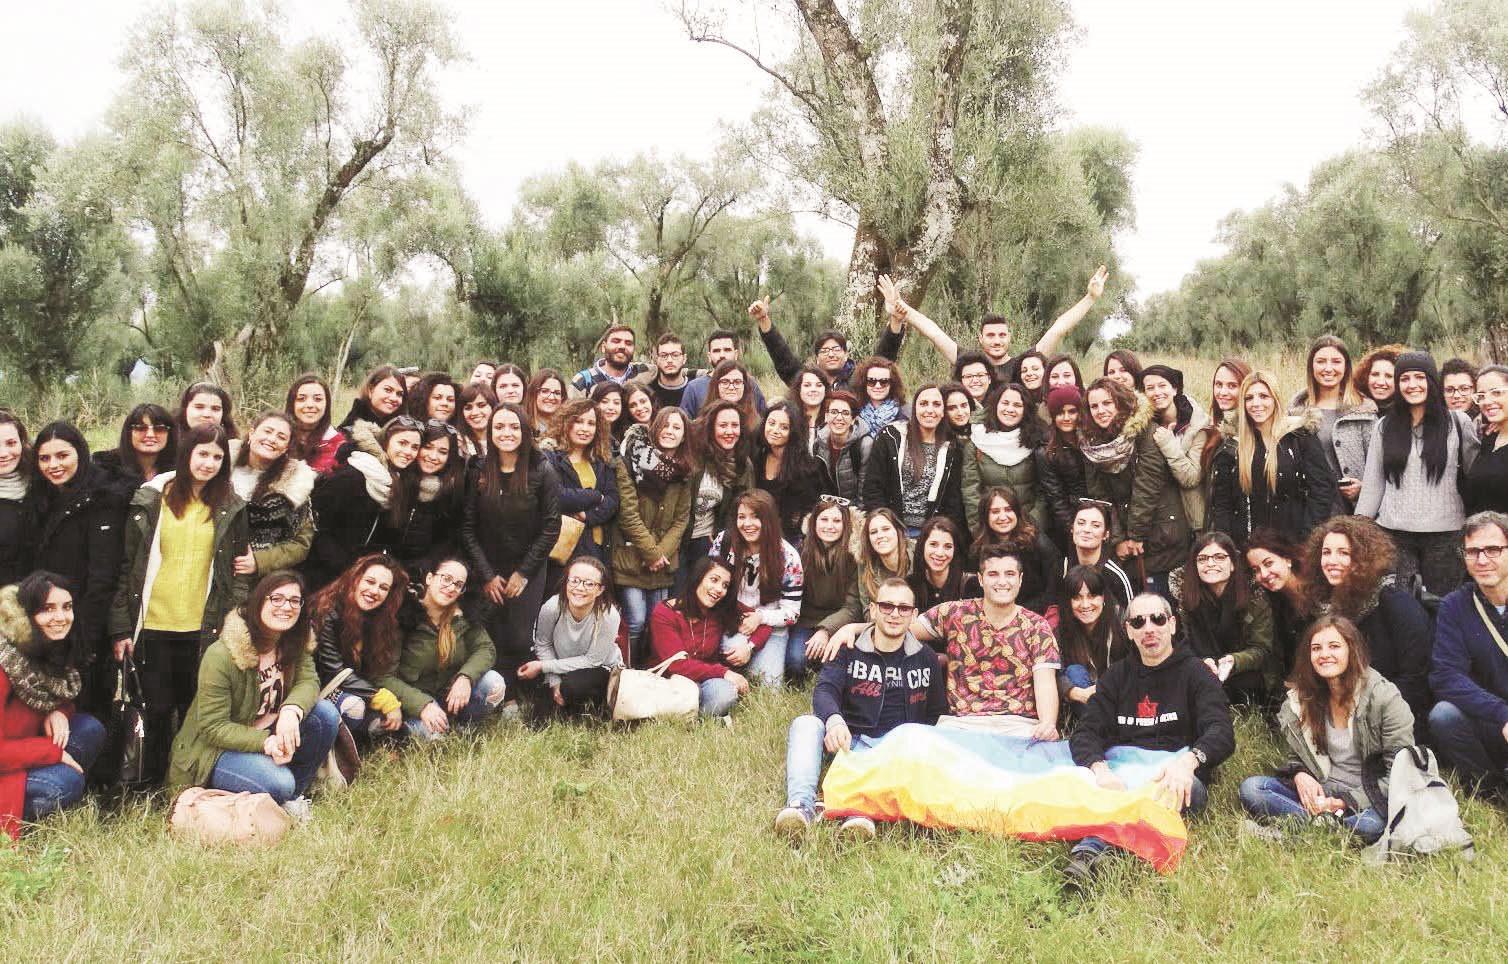 FOTO - Quaderni del Sud: gli studenti dell'Unicale le iniziative per il riscatto di Gioia Tauro